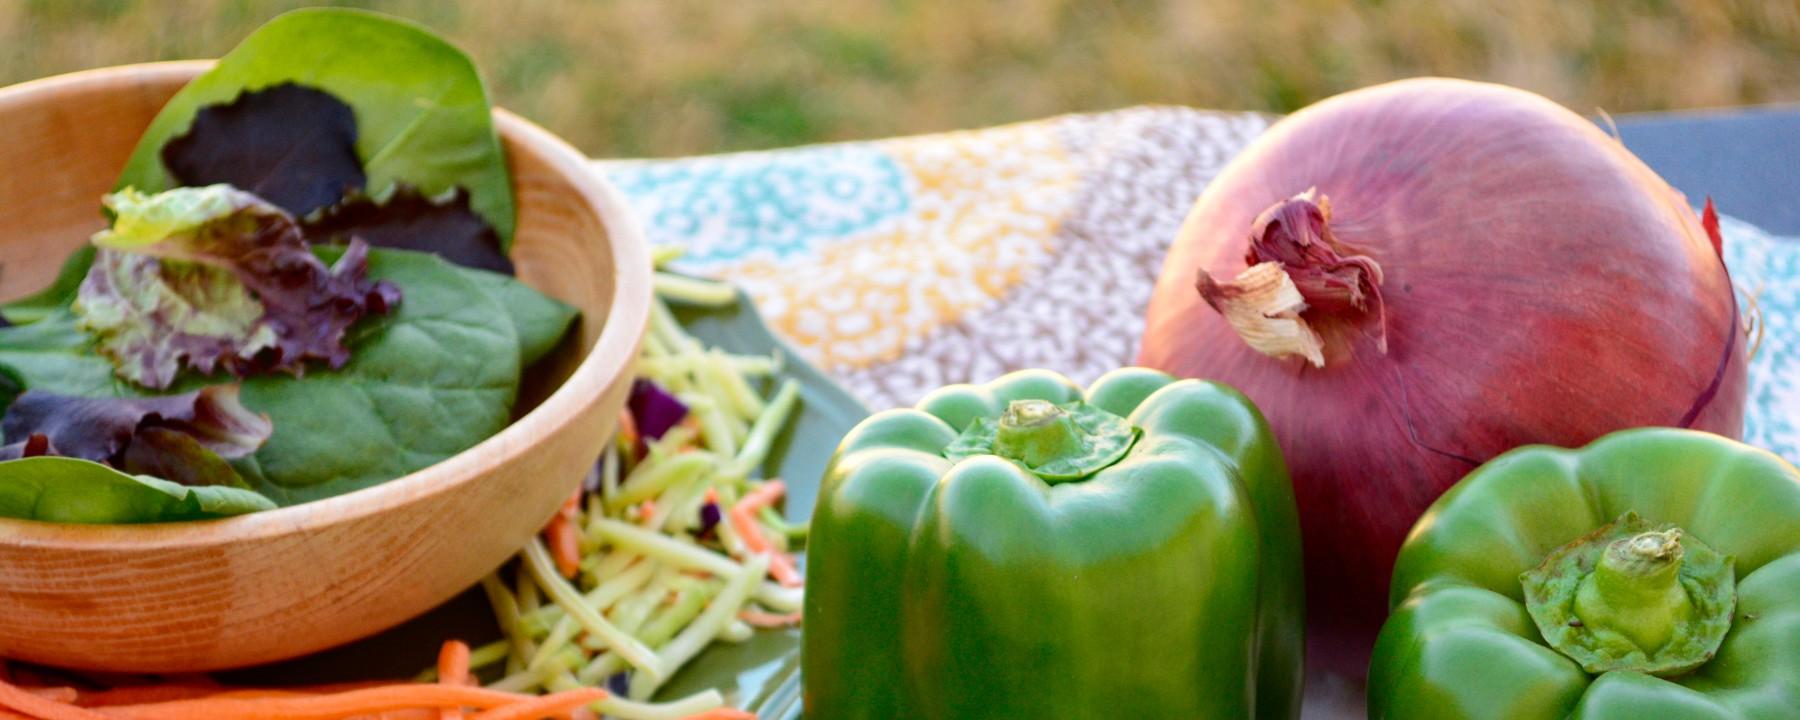 low potassium, low phosphorus, vegetarian and CKD, renal diet, CKD diet, diet for kidney disease